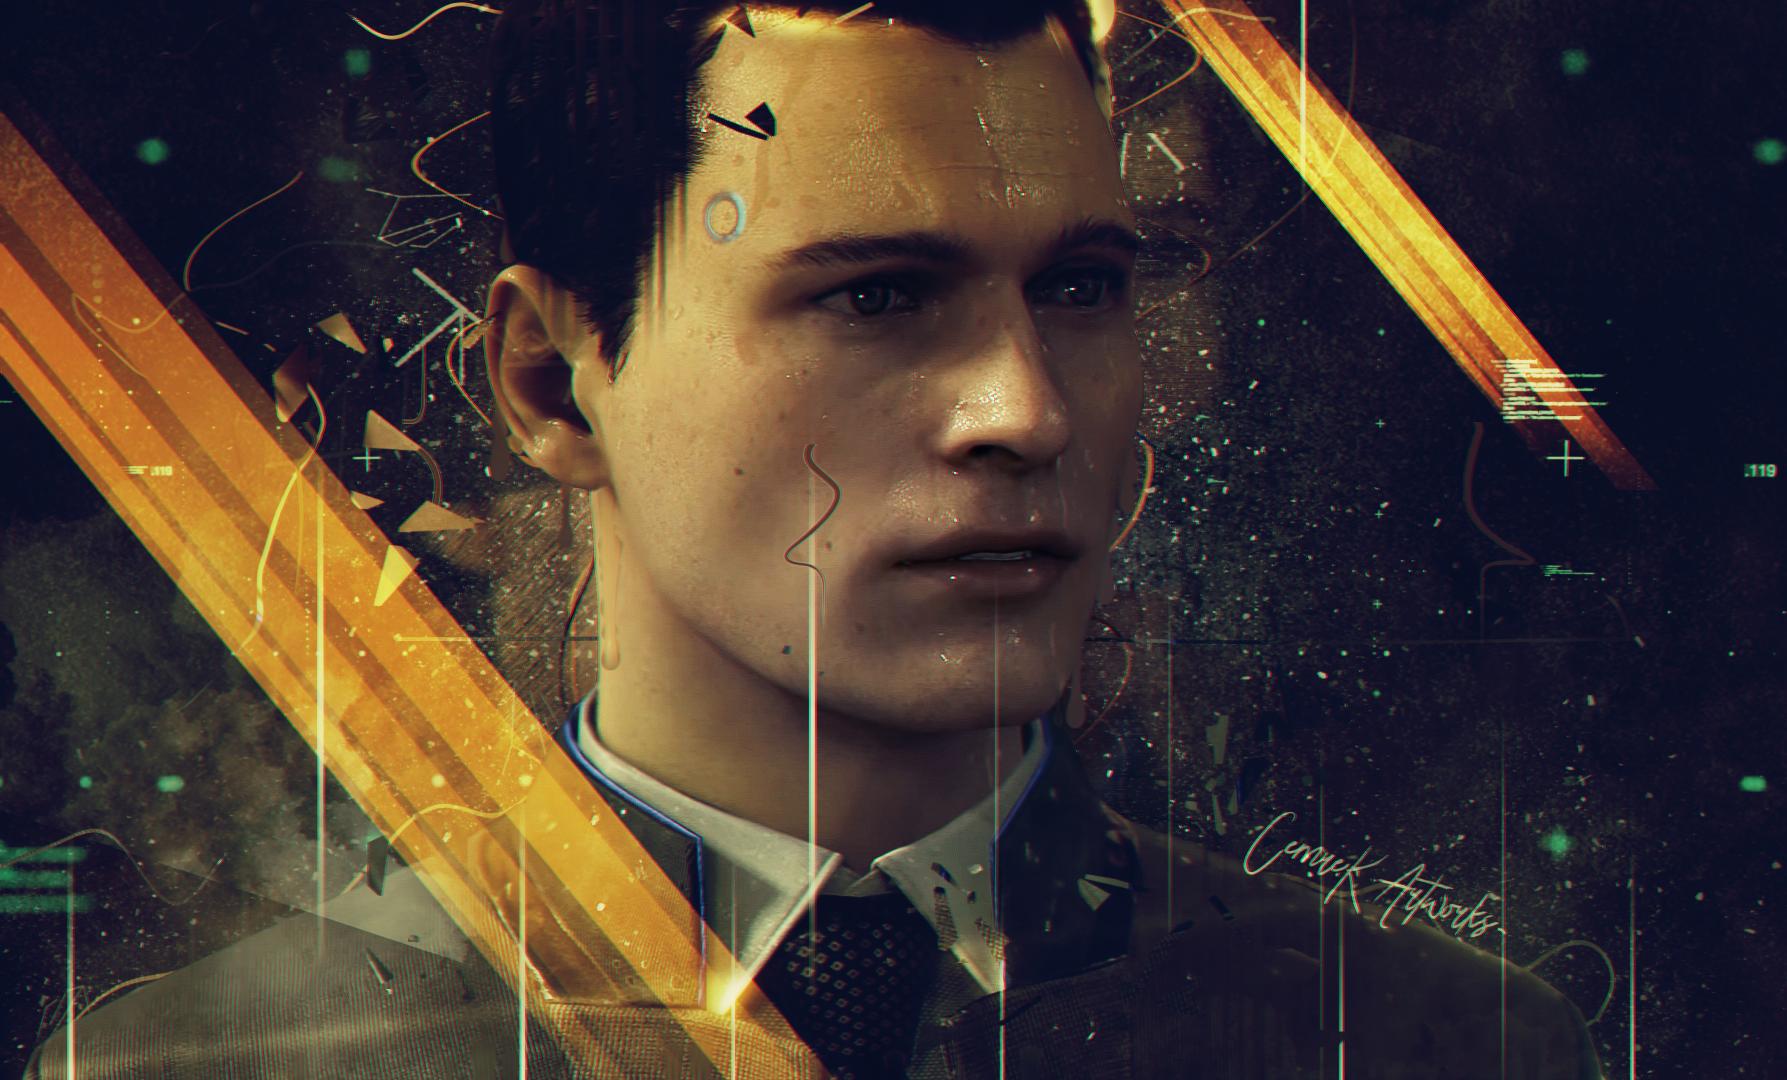 games art detroit become human connor (detroit: become human) detroit: become human video game art